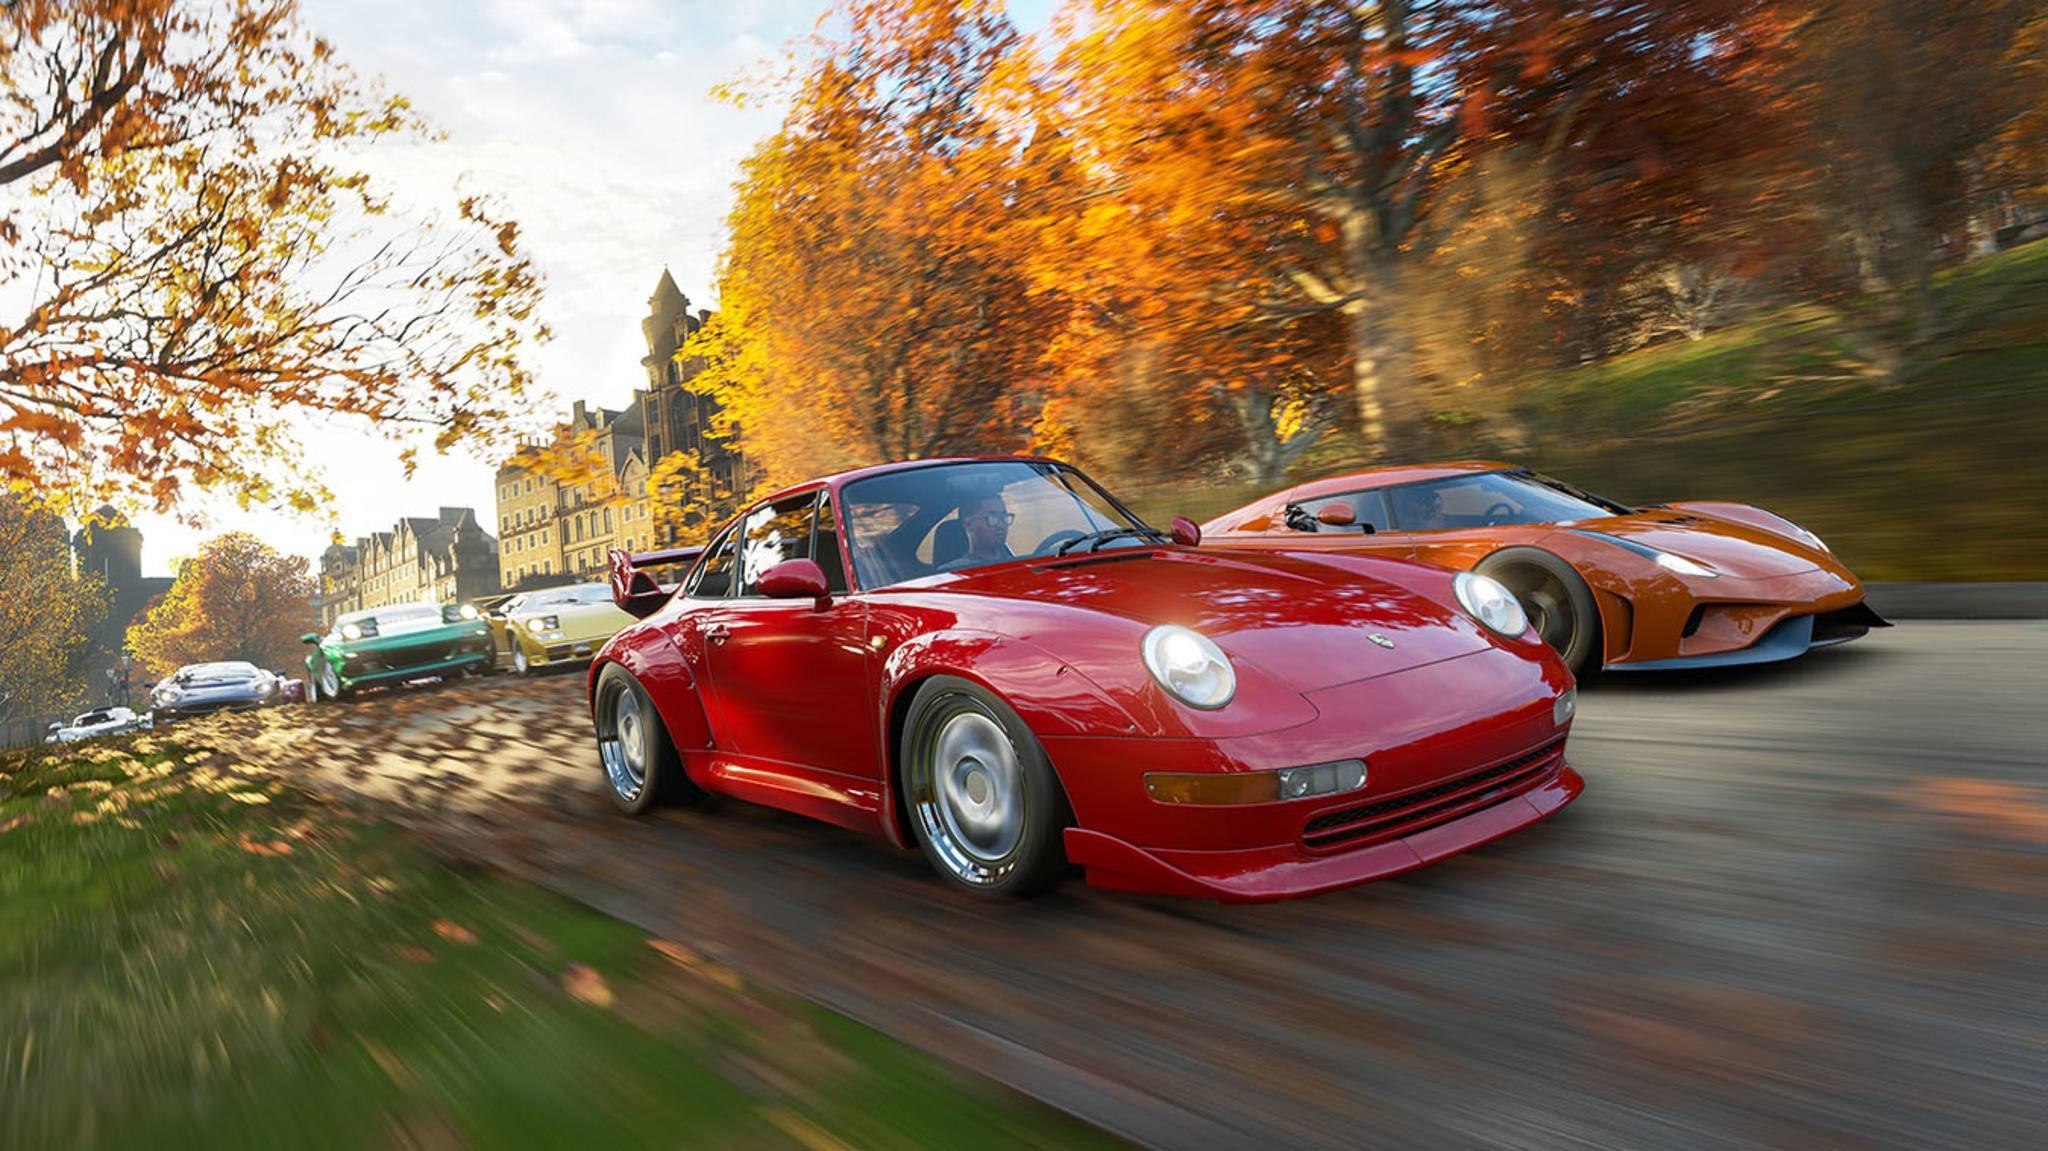 """Schnell reisen in """"Forza Horizon 4"""" ist mit dem richtigen Sportwagen einfach. Schnellreisen auch – dank unserer Tipps."""